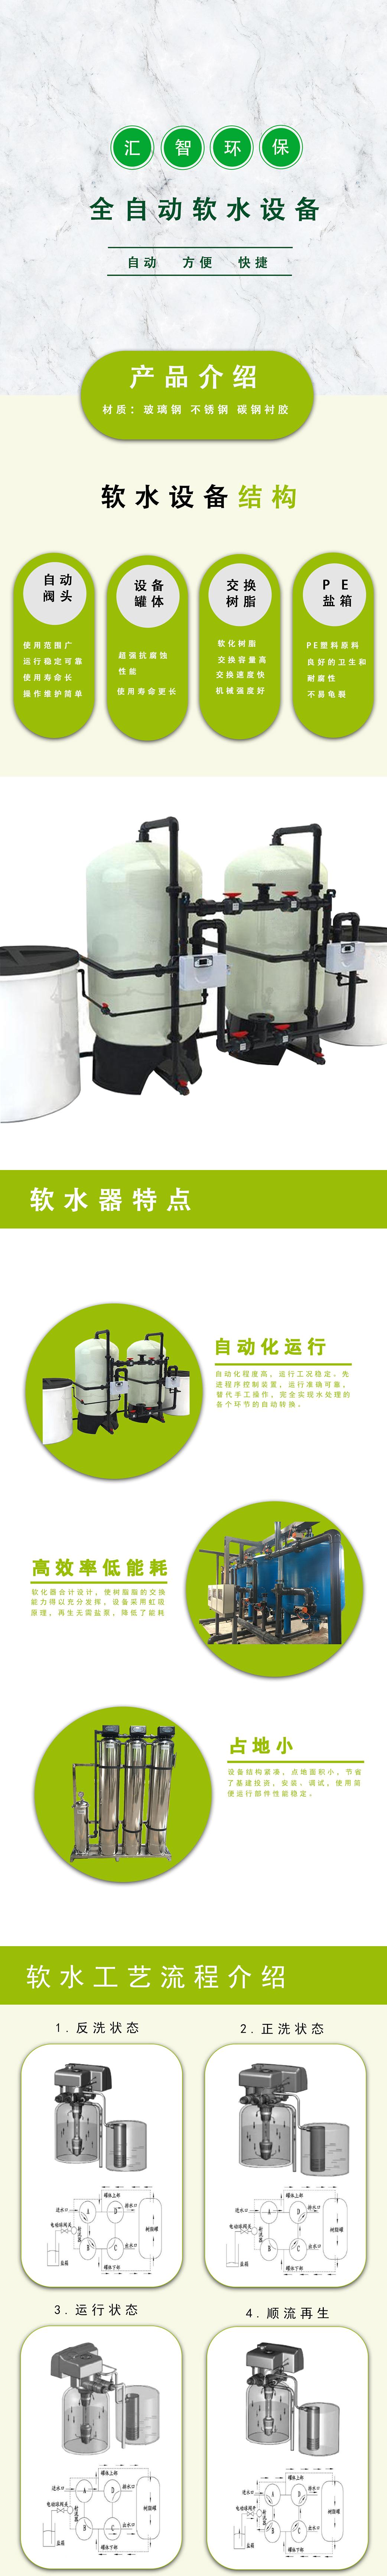 软水器介绍-1.jpg